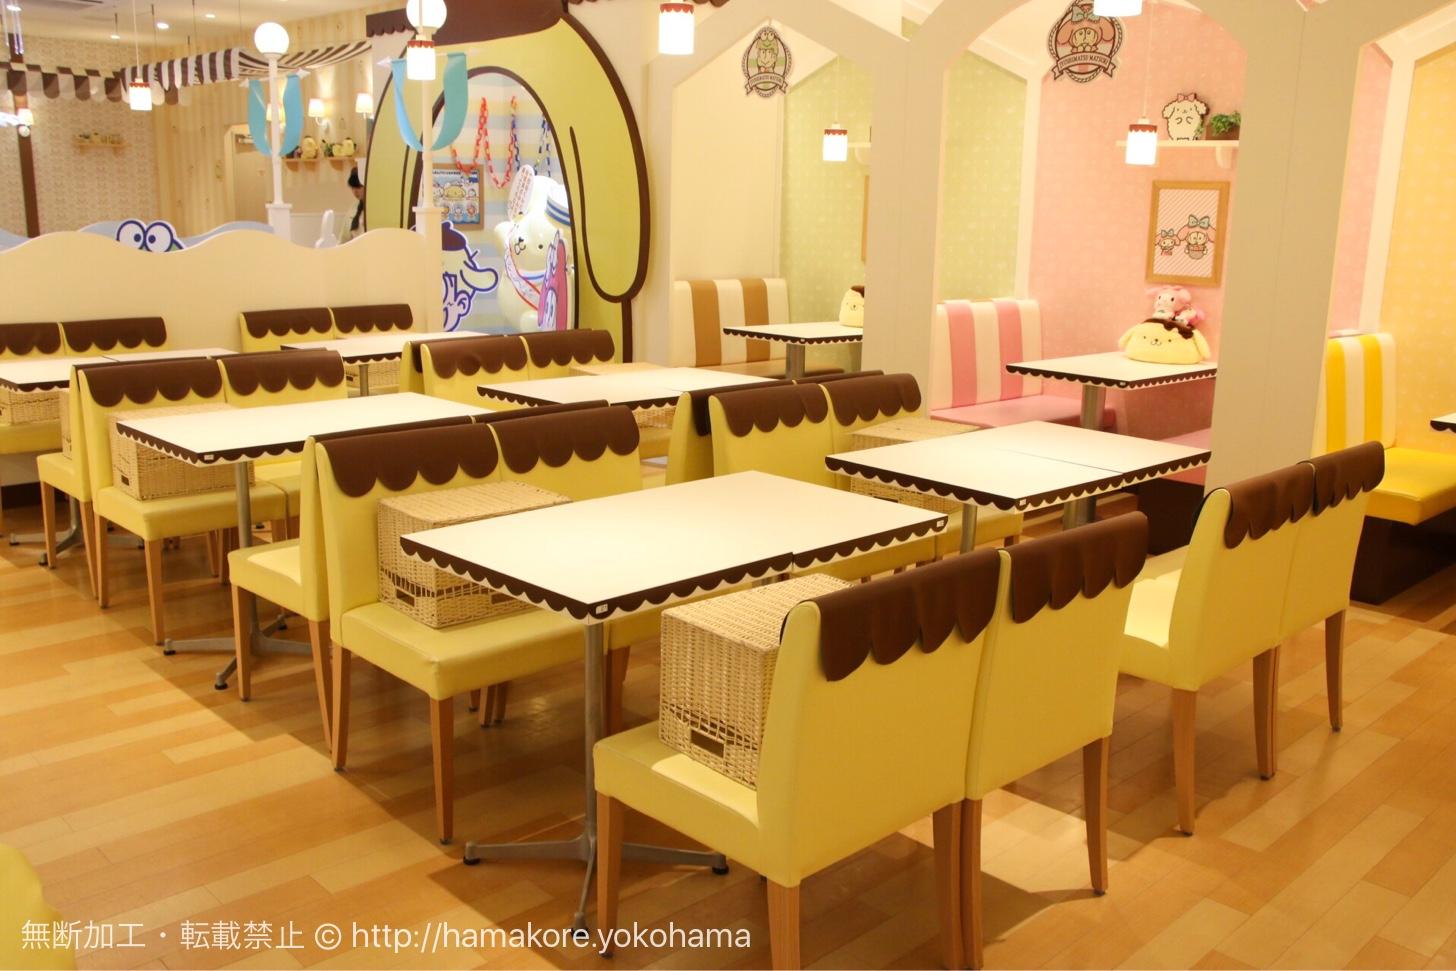 ポムポムプリンデザインの椅子やテーブル